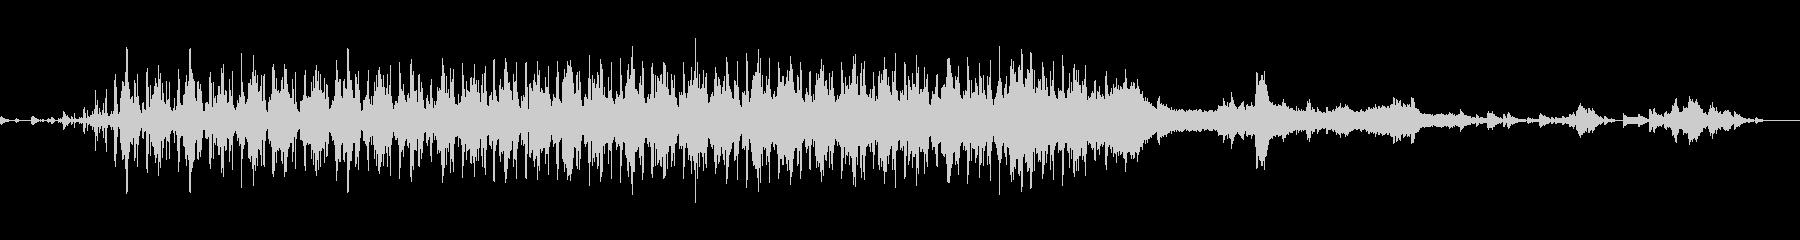 チェロ、ベース、ソフトビート、おも...の未再生の波形